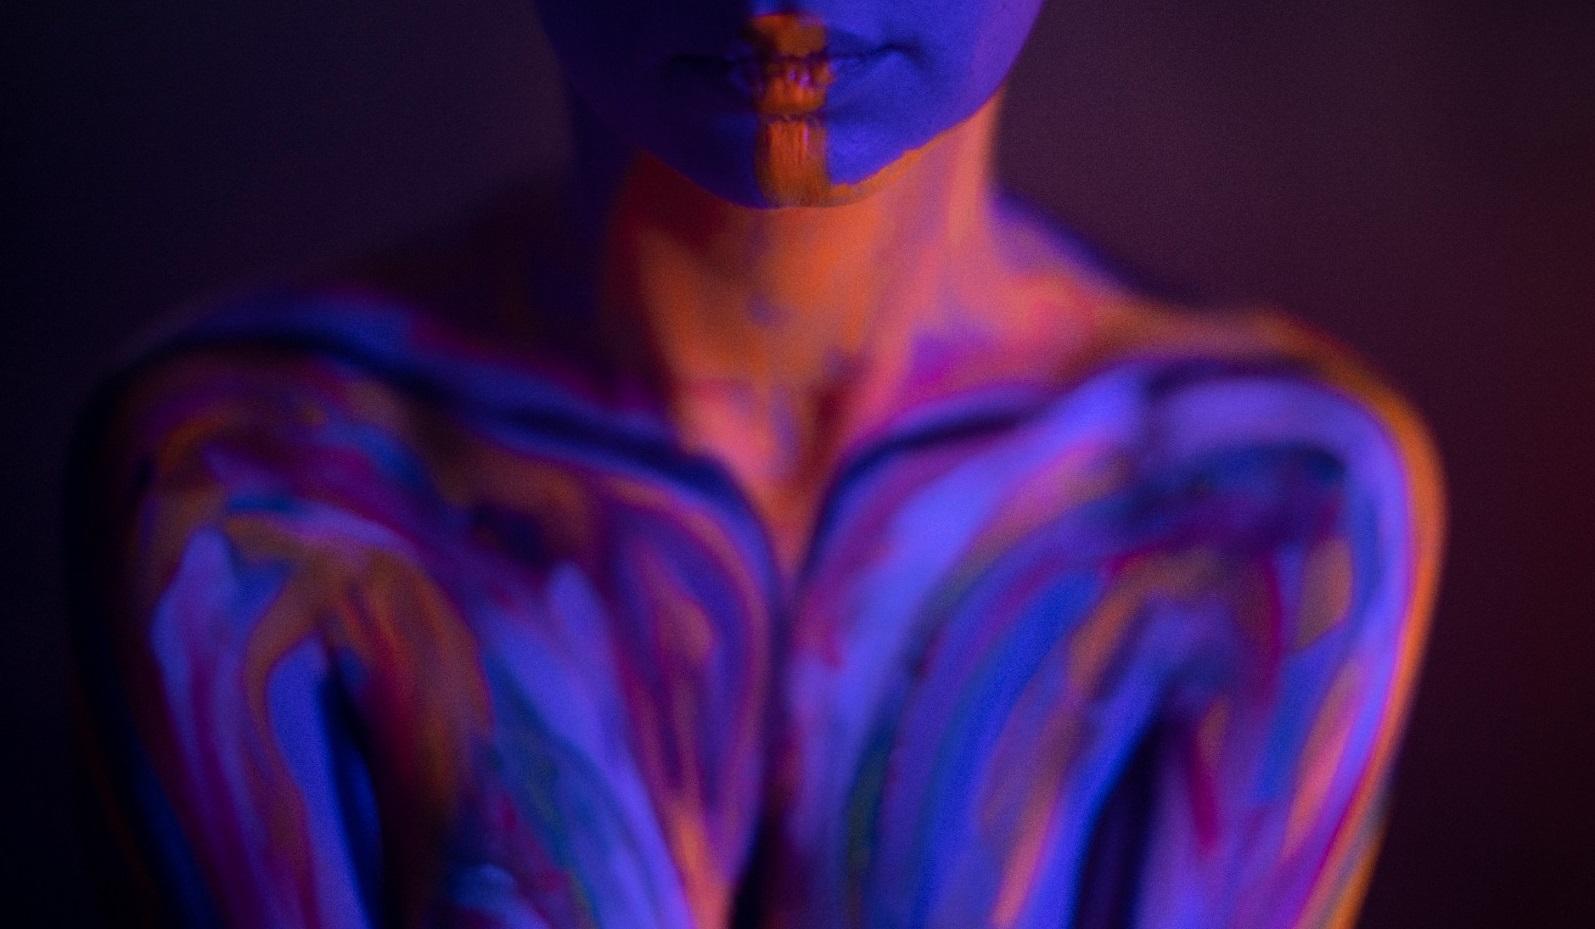 MECENA.ART te așteaptă până pe 15 martie. Faci cunoștință cu arta senzorială, cu nuduri și portrete, cu muzica și natura, dar și cu emoții noi și puternice